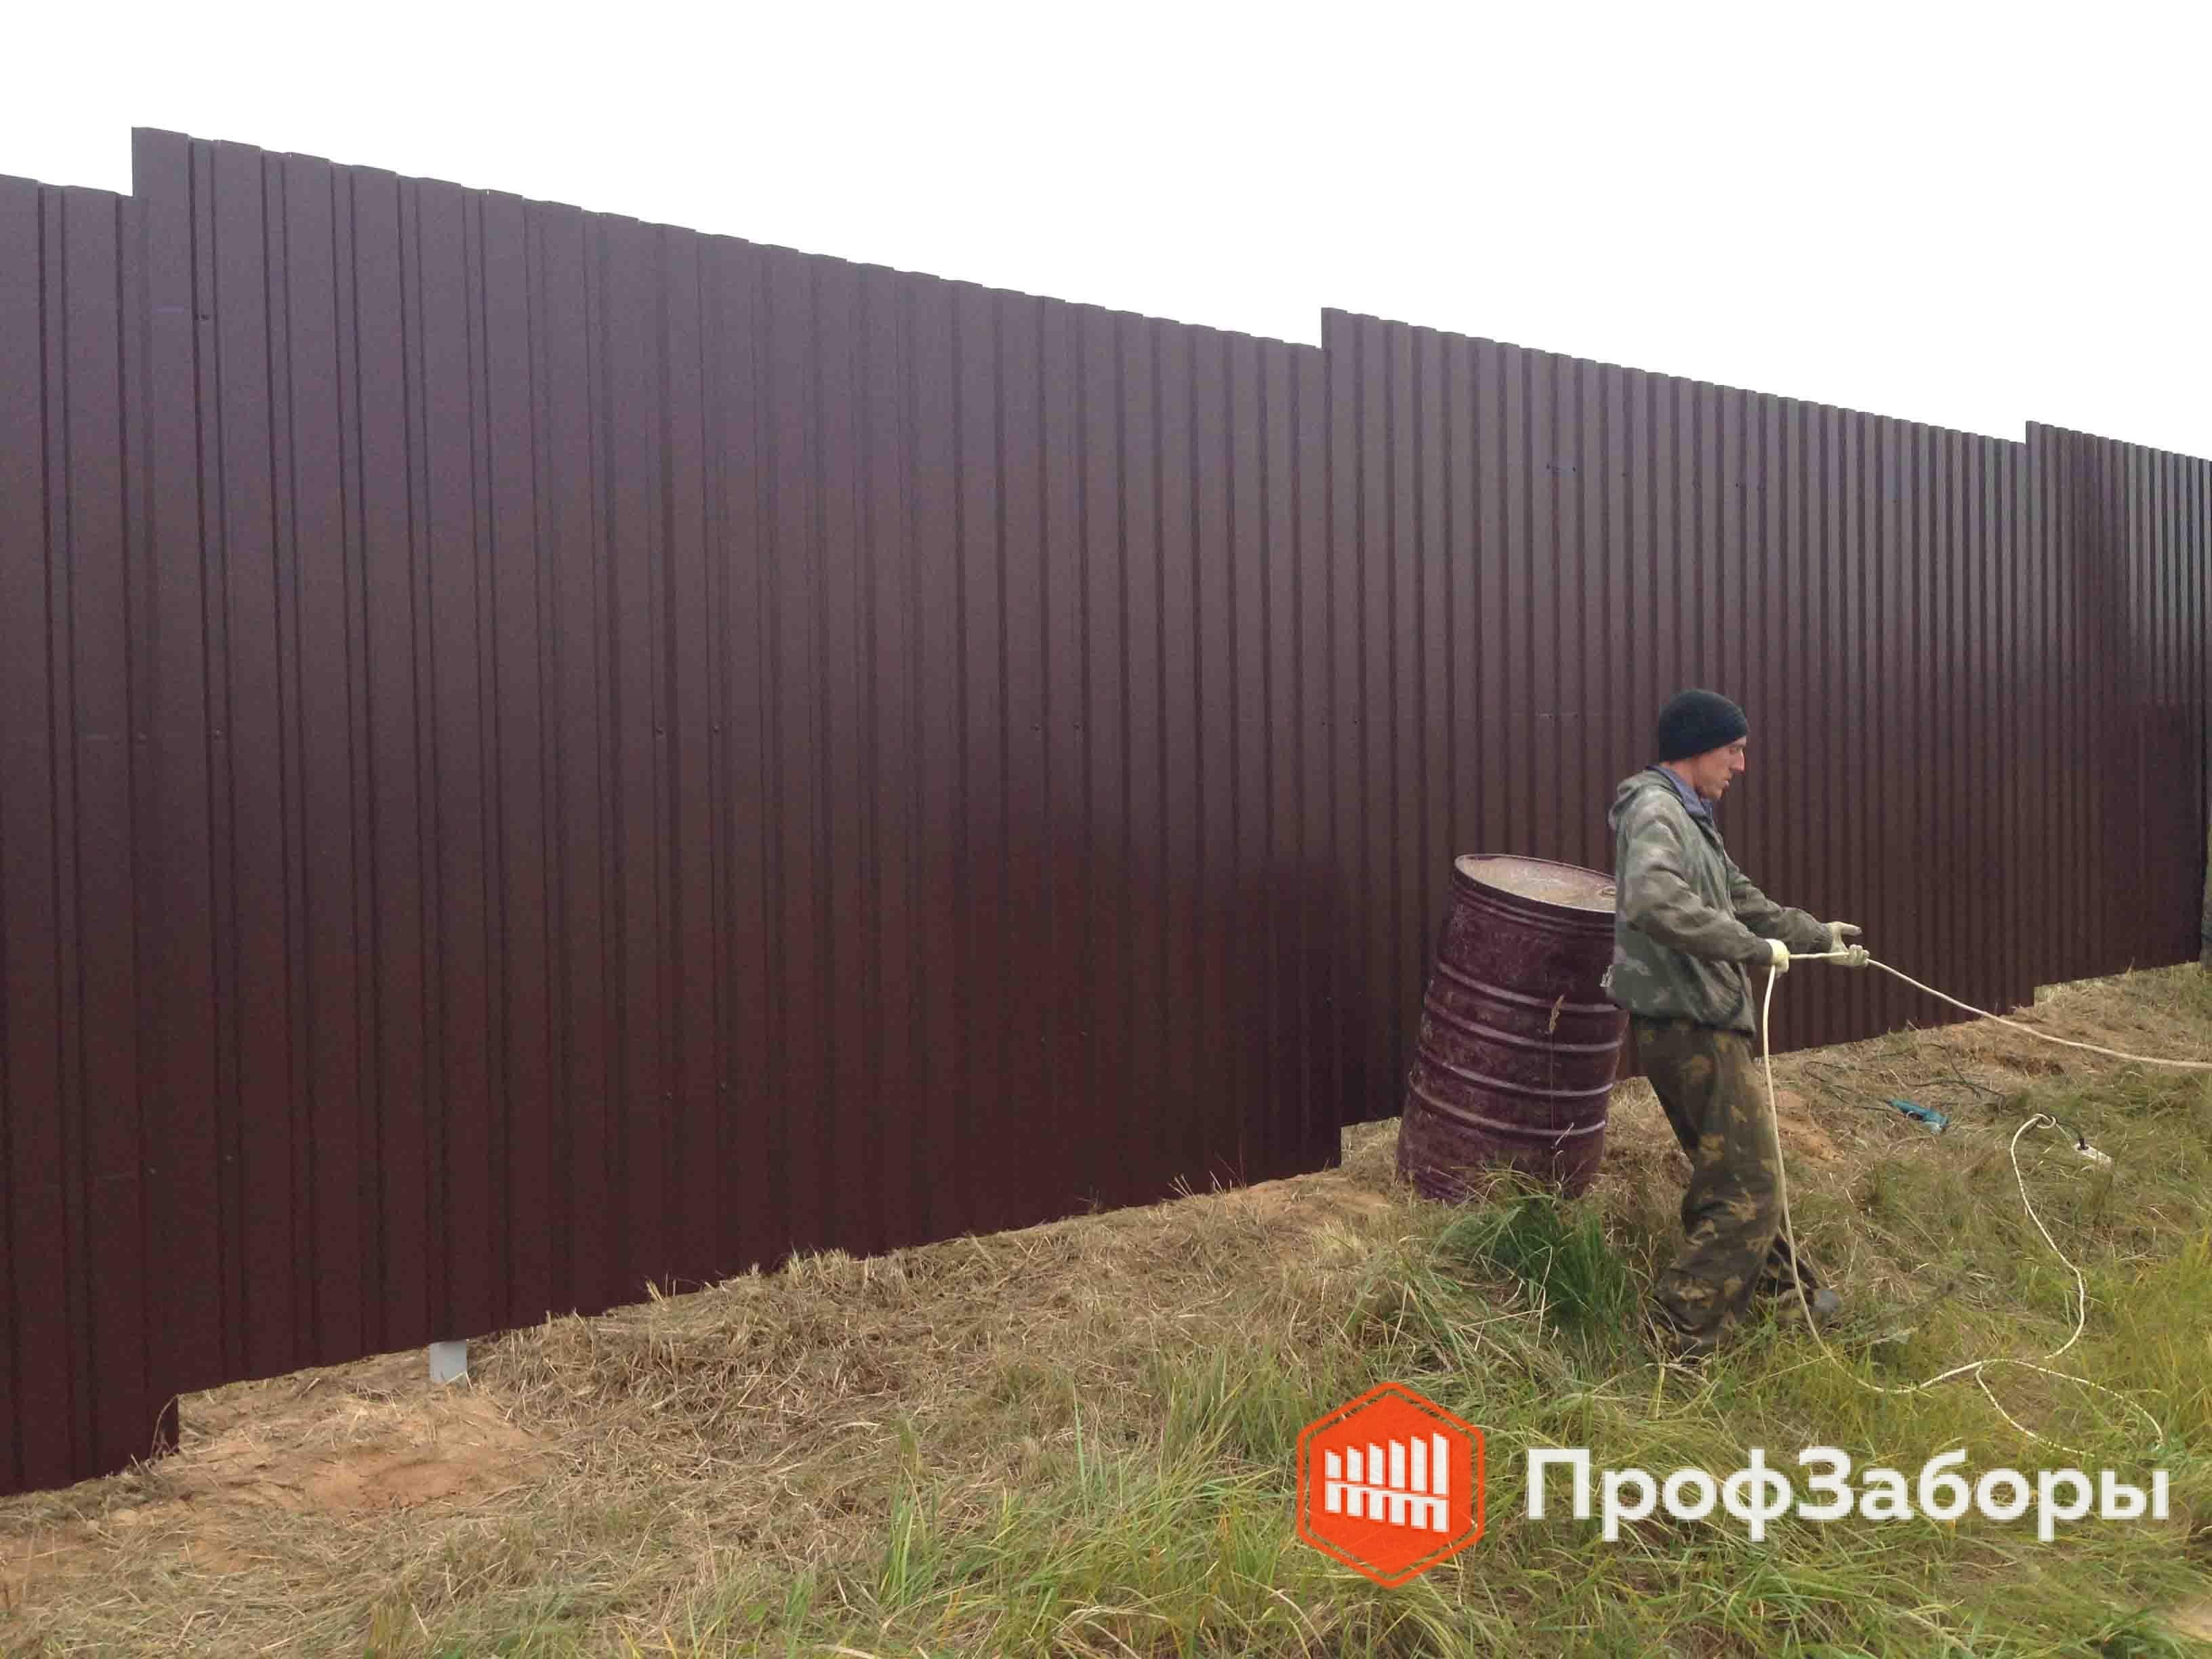 Заборы Из профнастила  - Город Химки. Фото 2